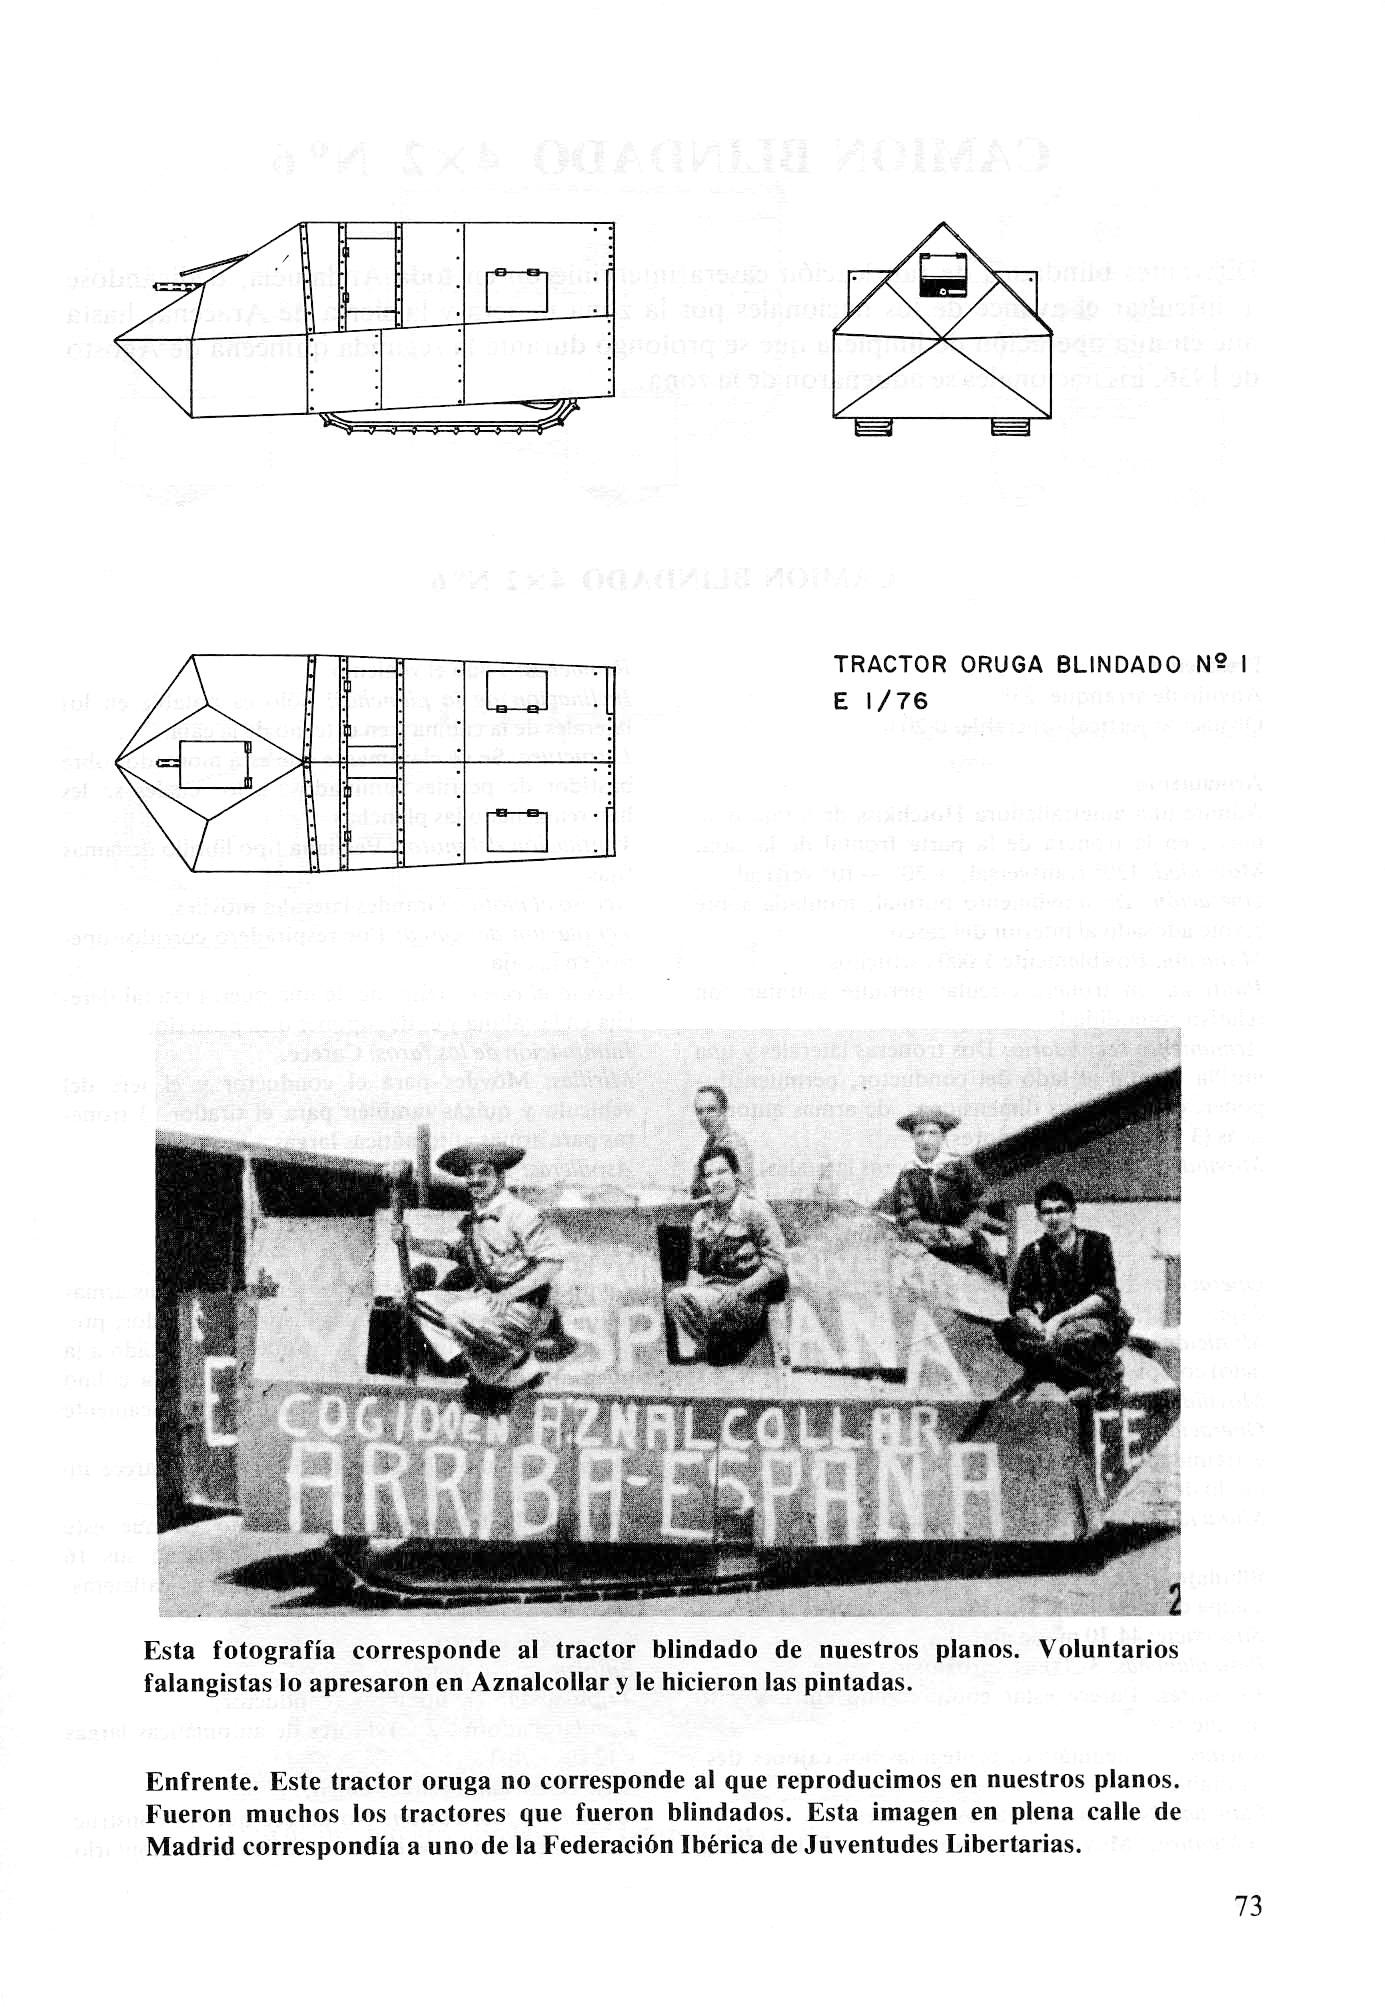 Carros De Combate Y Vehiculos Blindados De La Guerra 1936 1939 [F.C.Albert 1980]_Страница_071.jpg